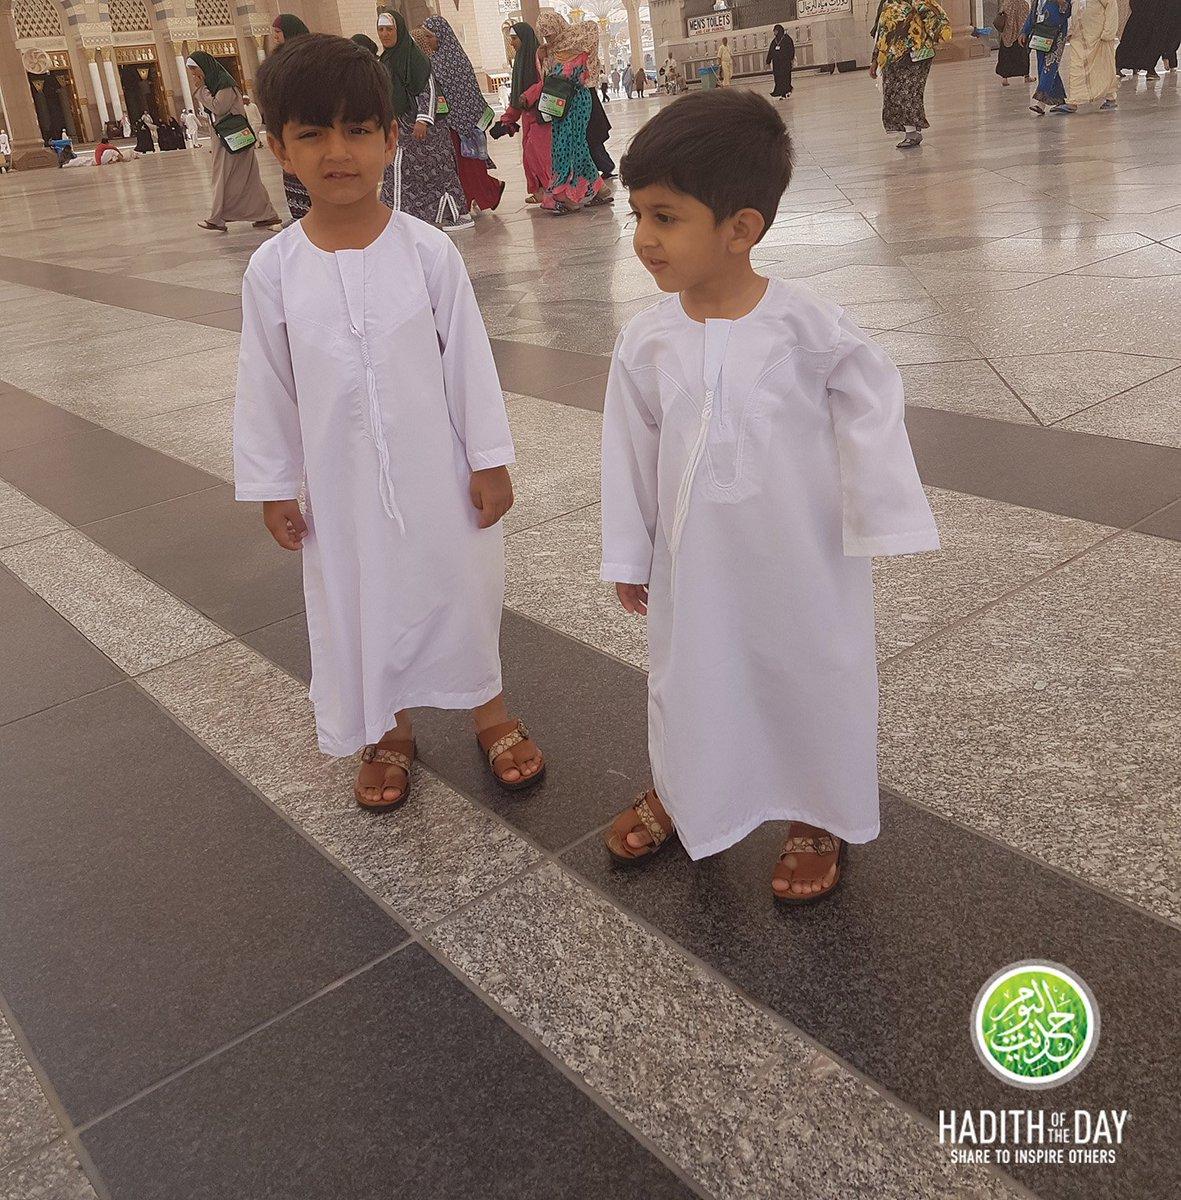 May Allah bless them!<br>http://pic.twitter.com/sJPtV3VpLR